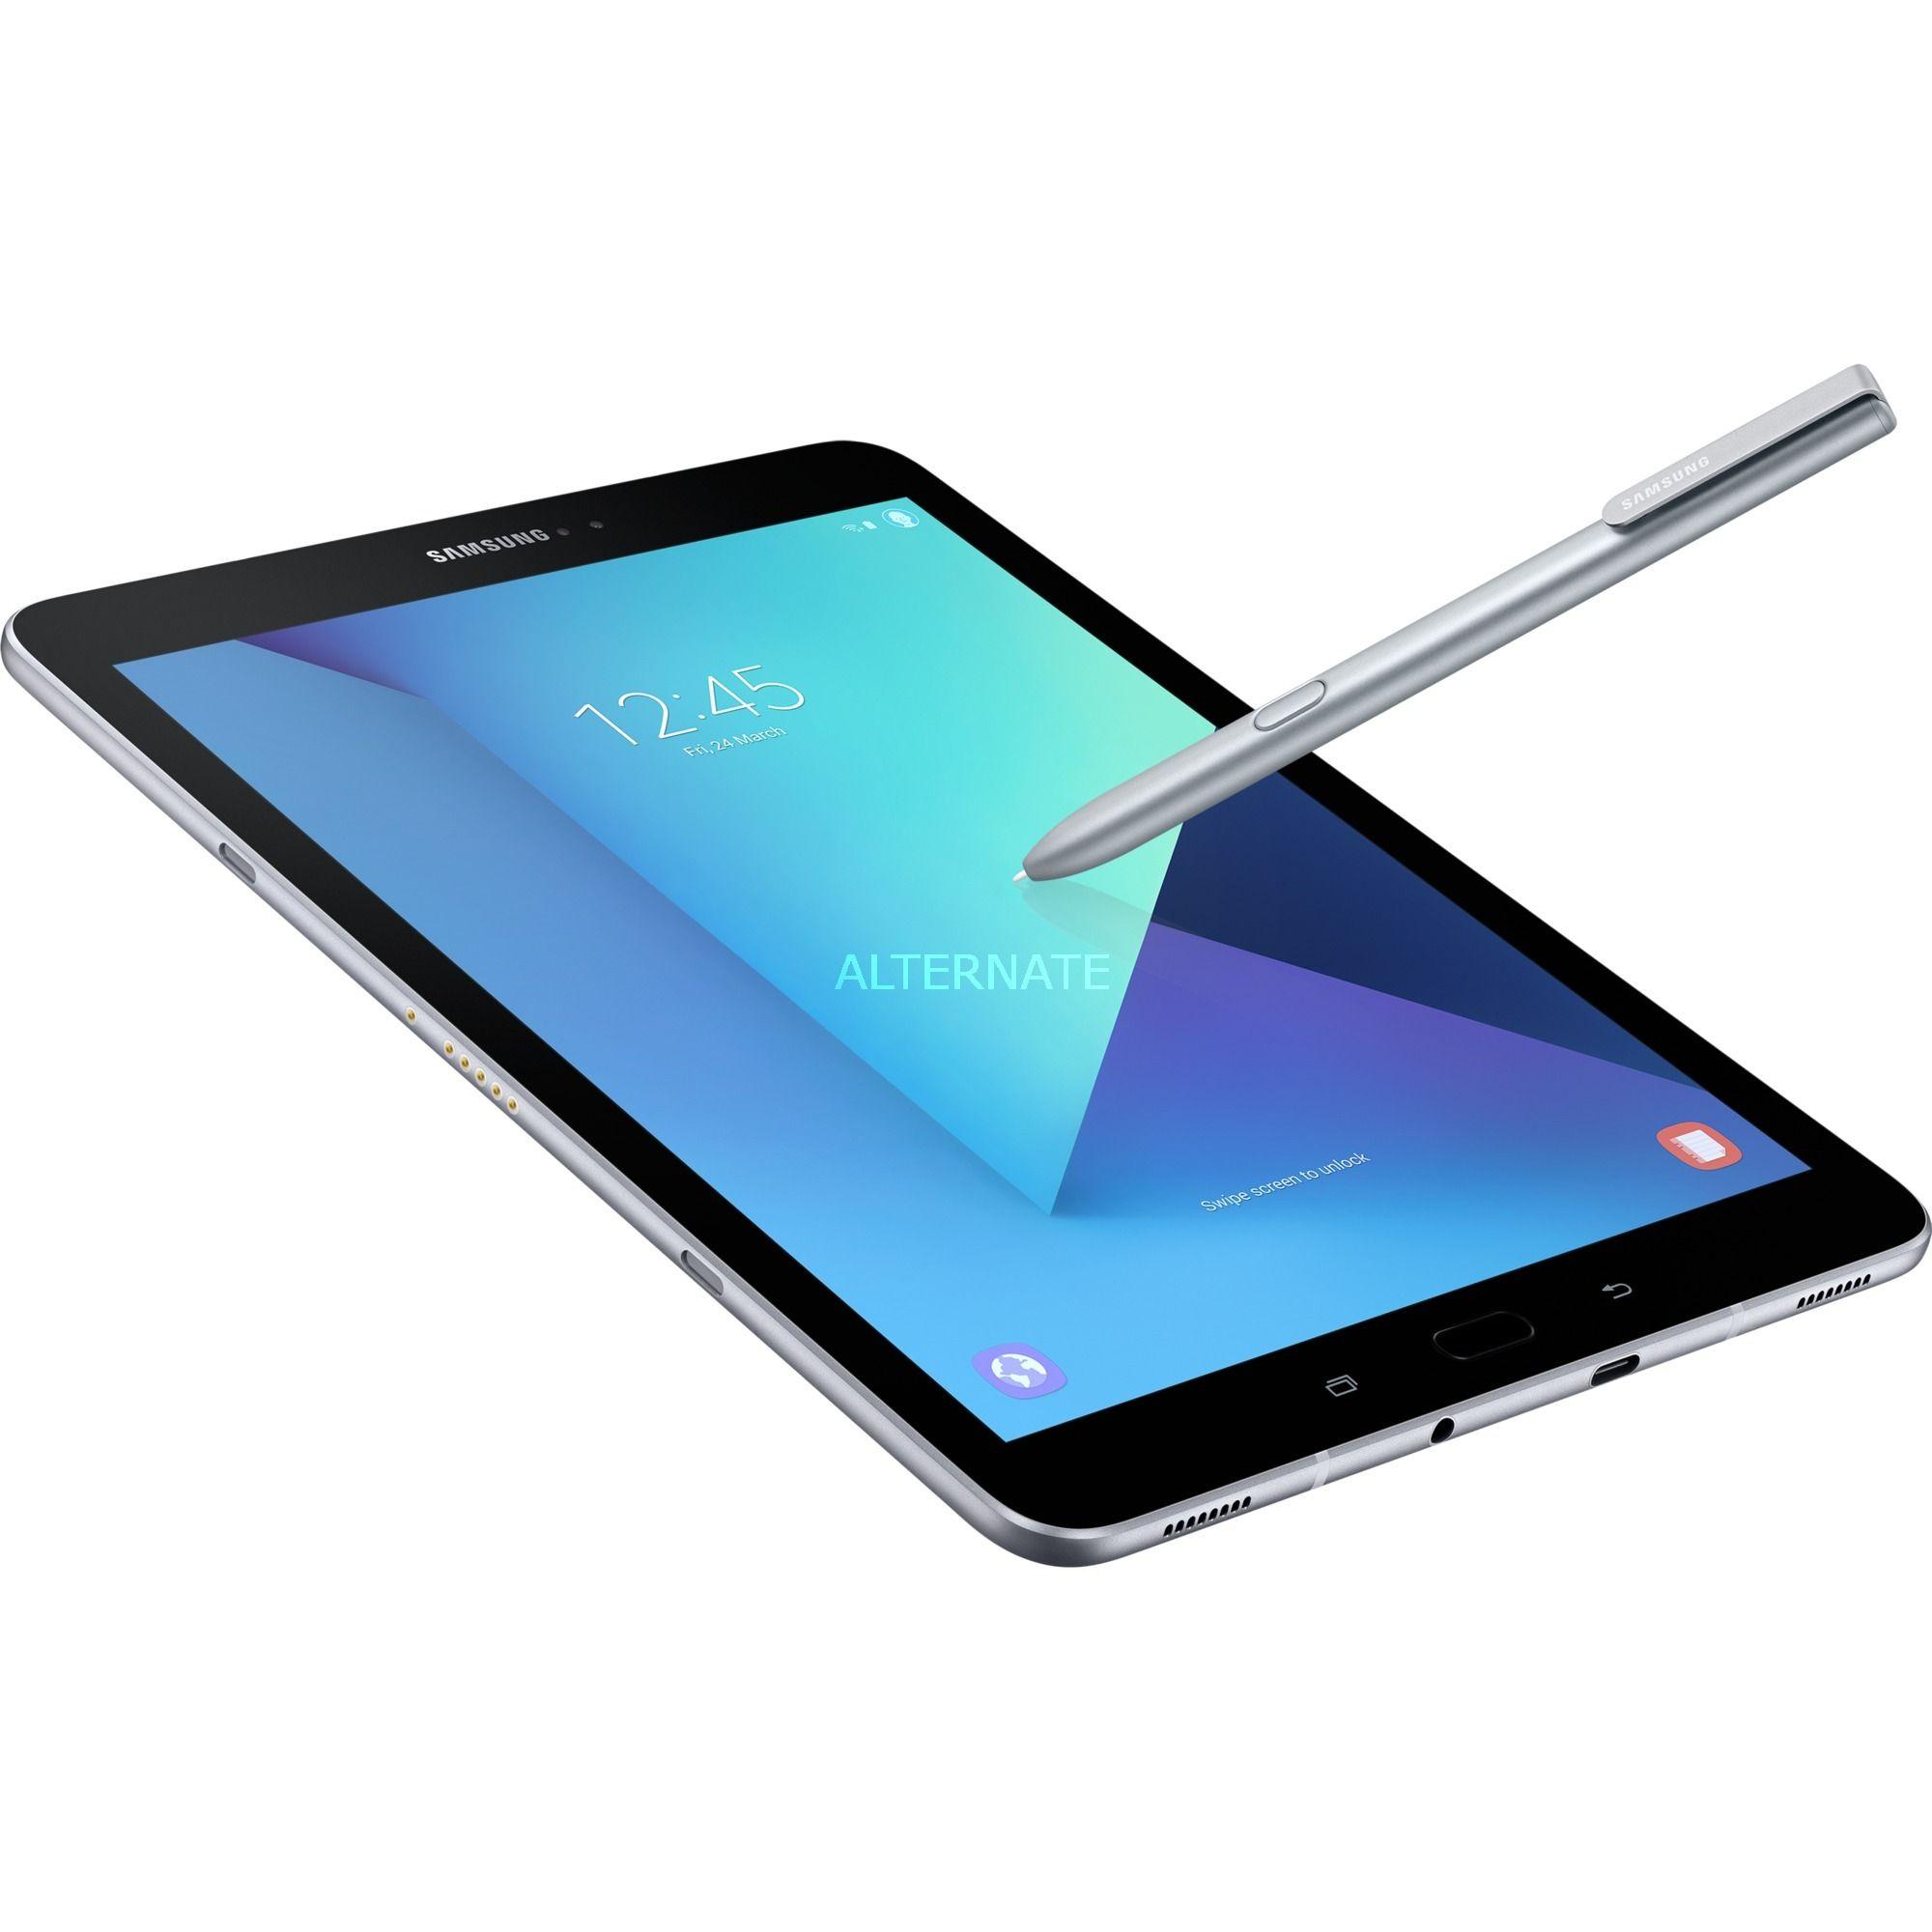 Meilleurs Jeux Pour Tablette Android Gratuit | Tablette 10 intérieur Jeux Pour Tablette Gratuit